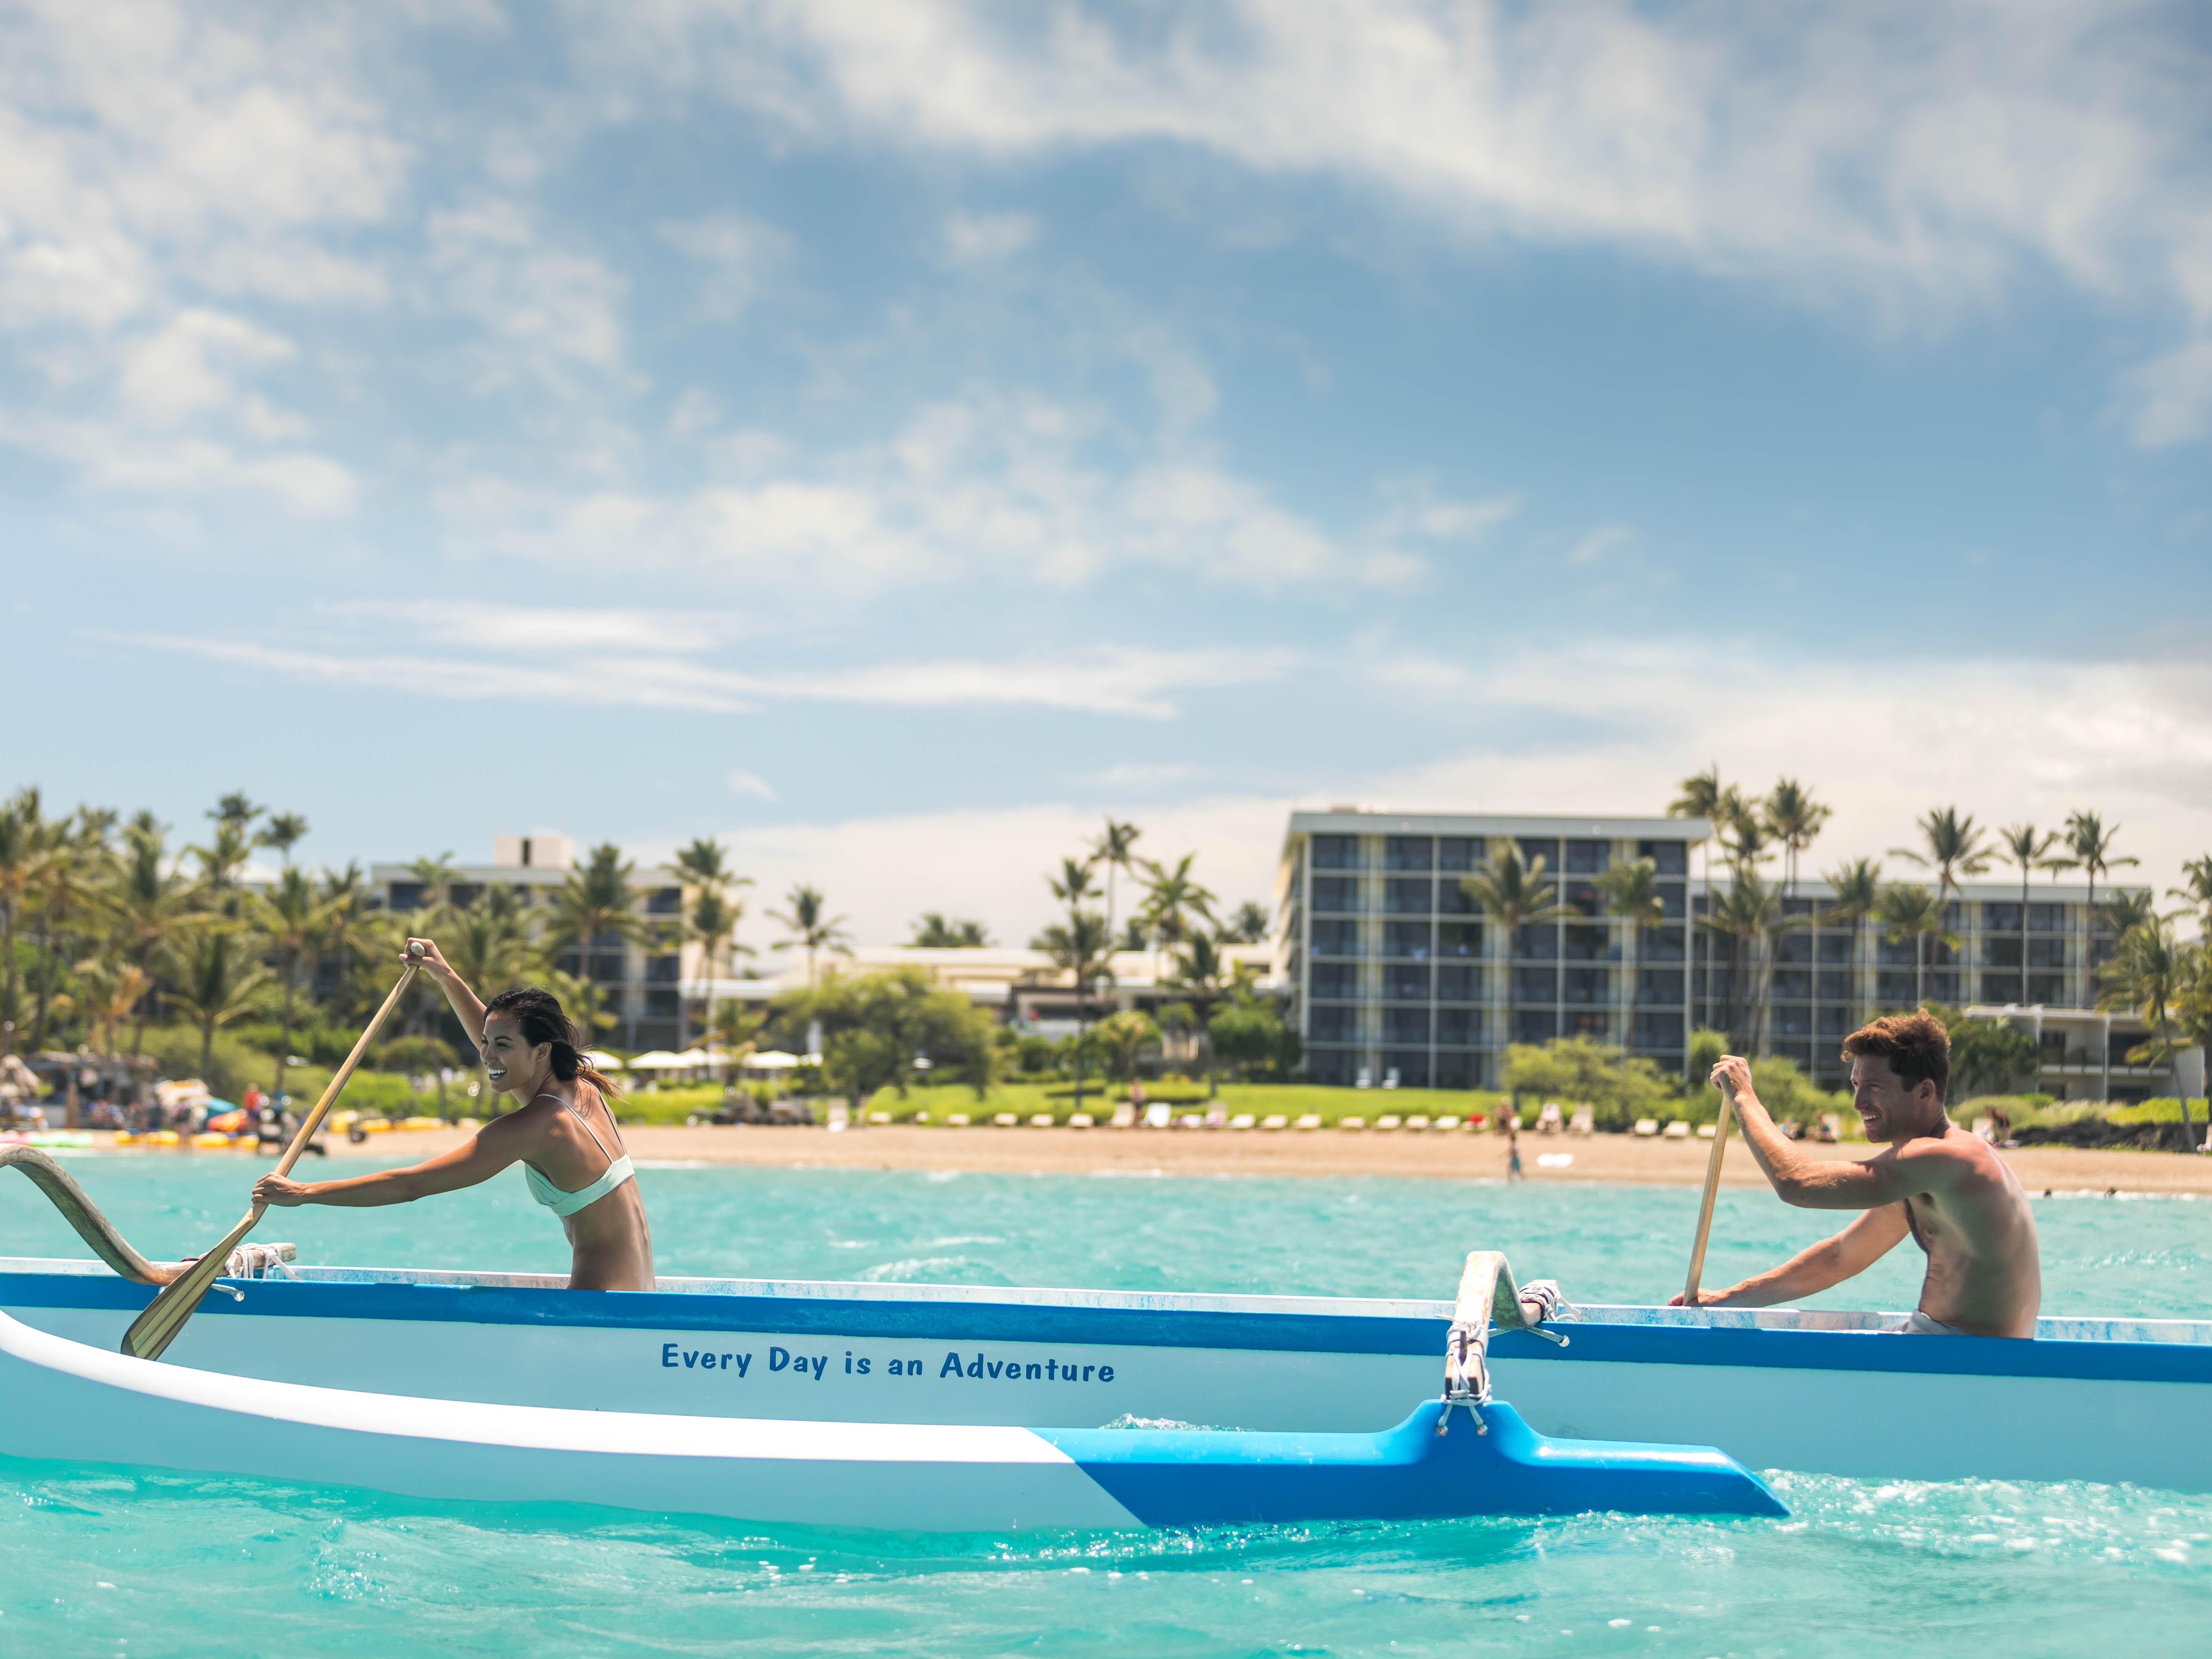 Marriott's Waikoloa Ocean Club Rowing. Marriott's Waikoloa Ocean Club is located in Waikoloa Beach, Big Island, Hawai'i United States.